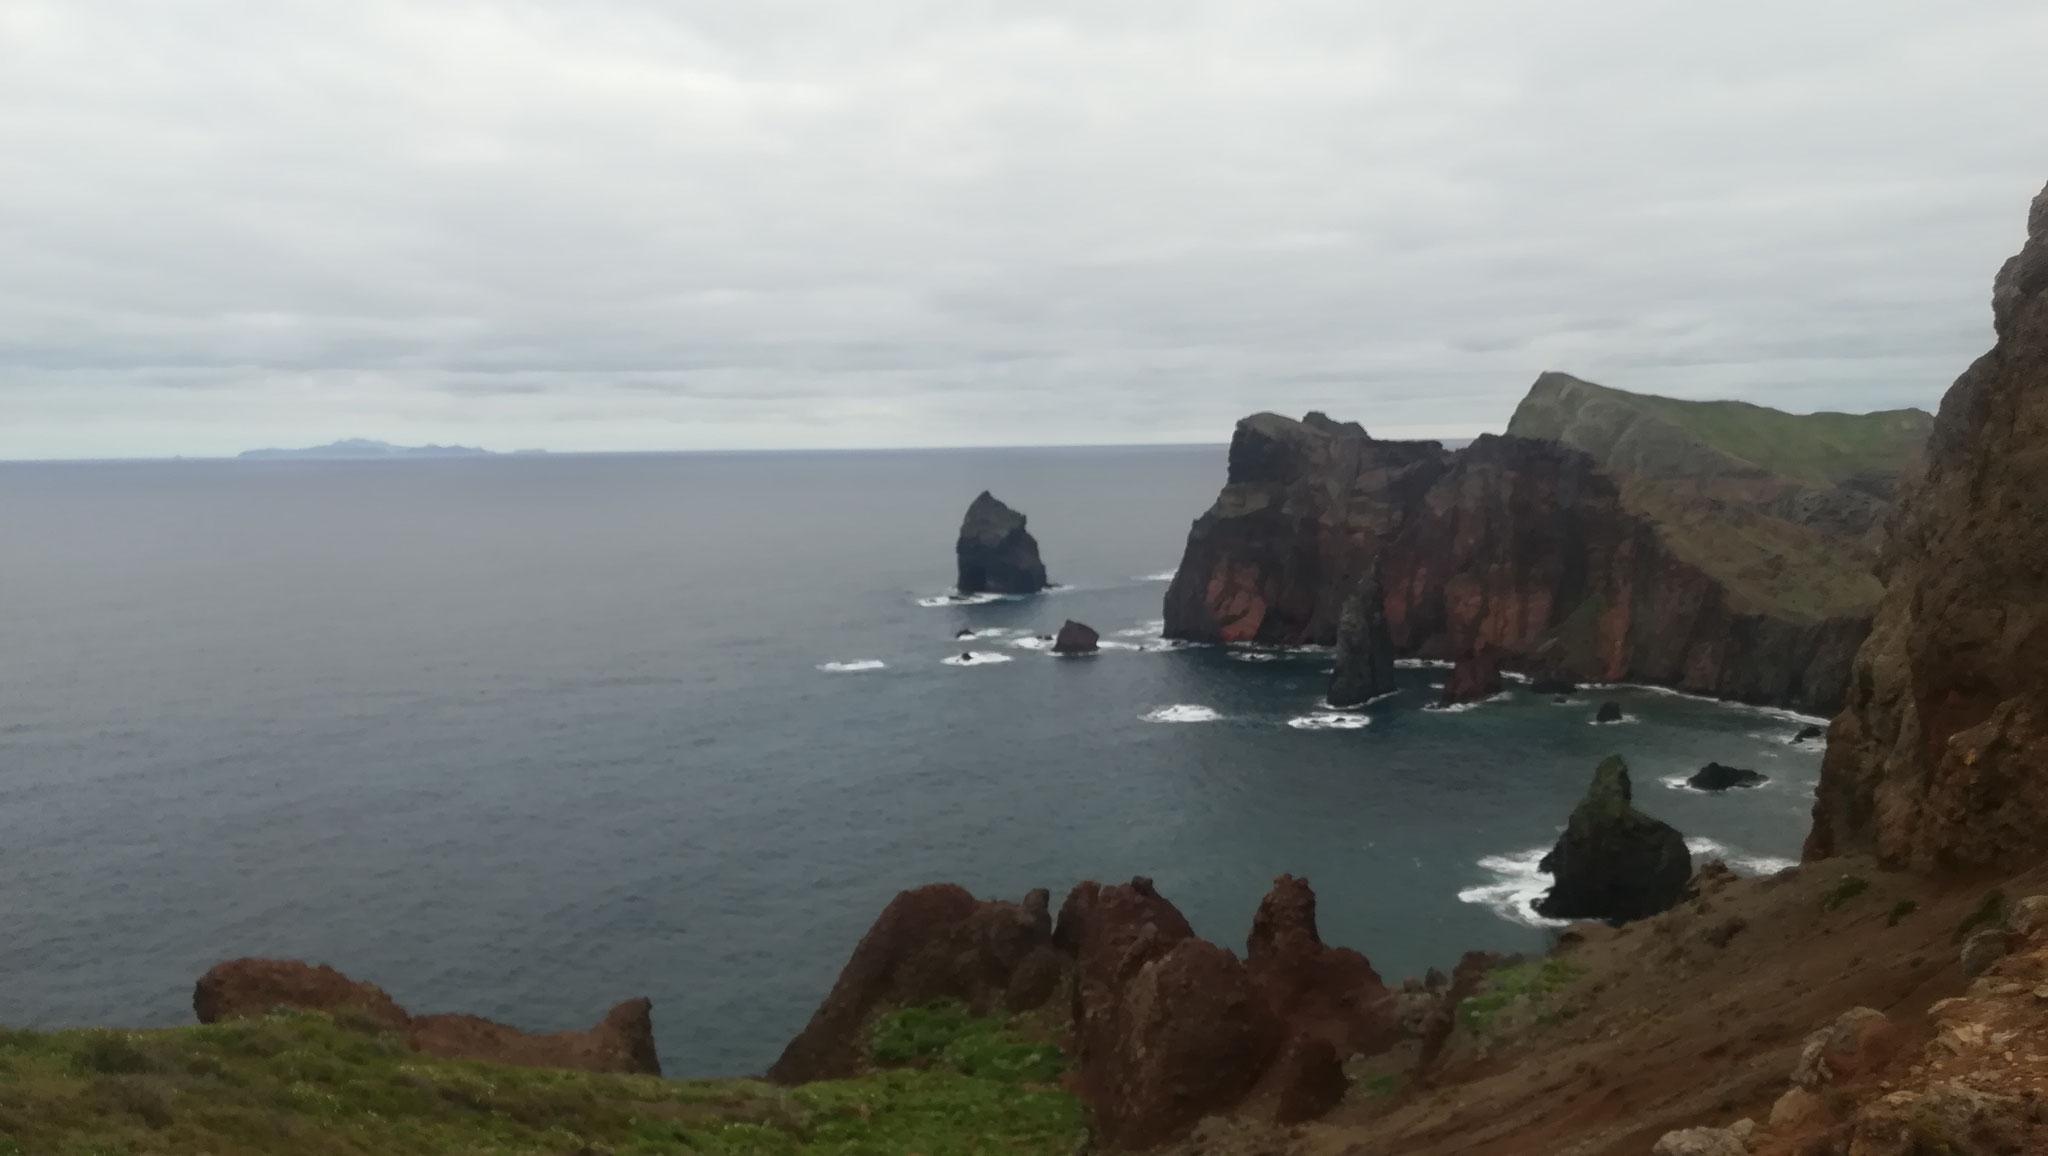 Ponta do Sao Lourenco